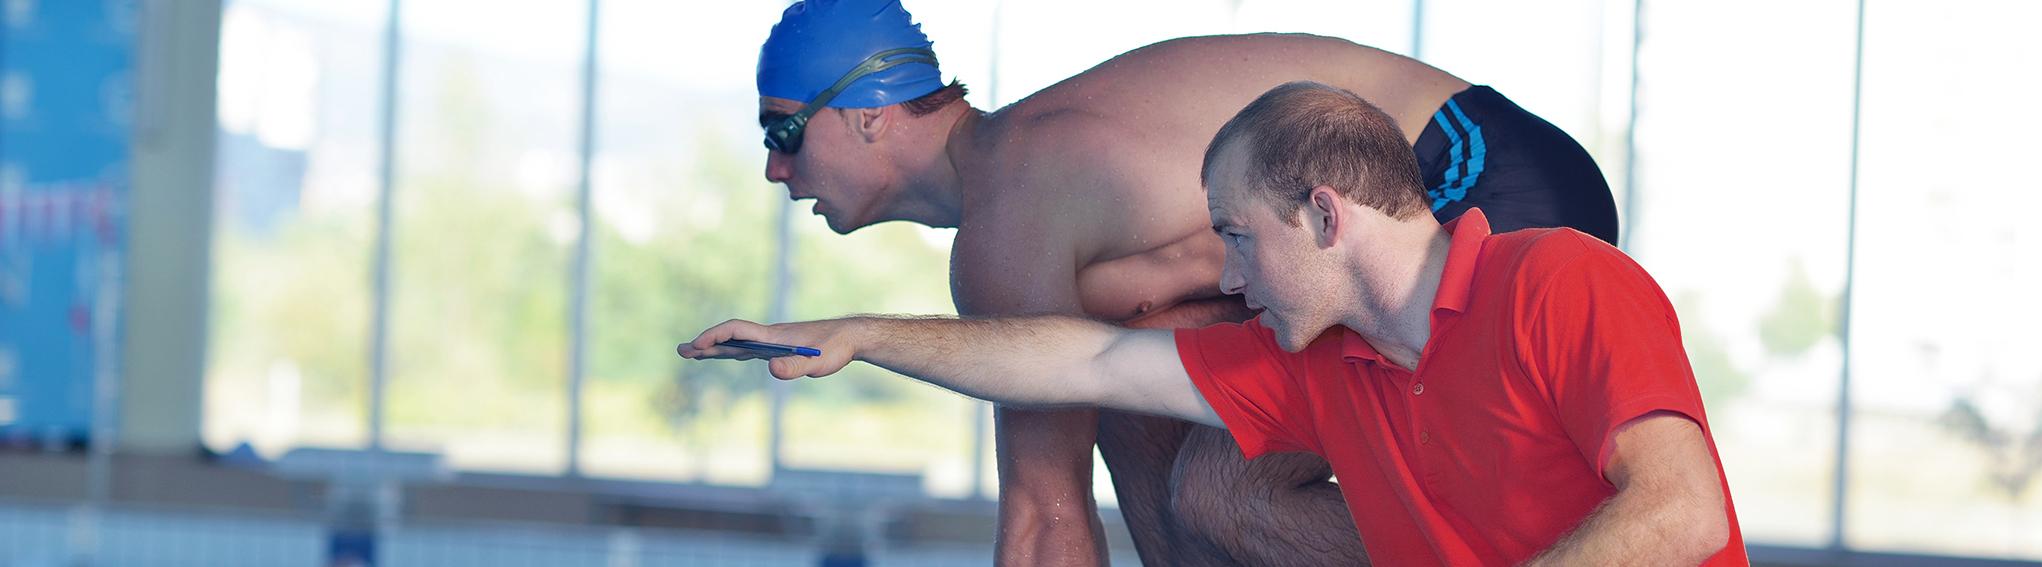 swim_coach_2044x600.jpg